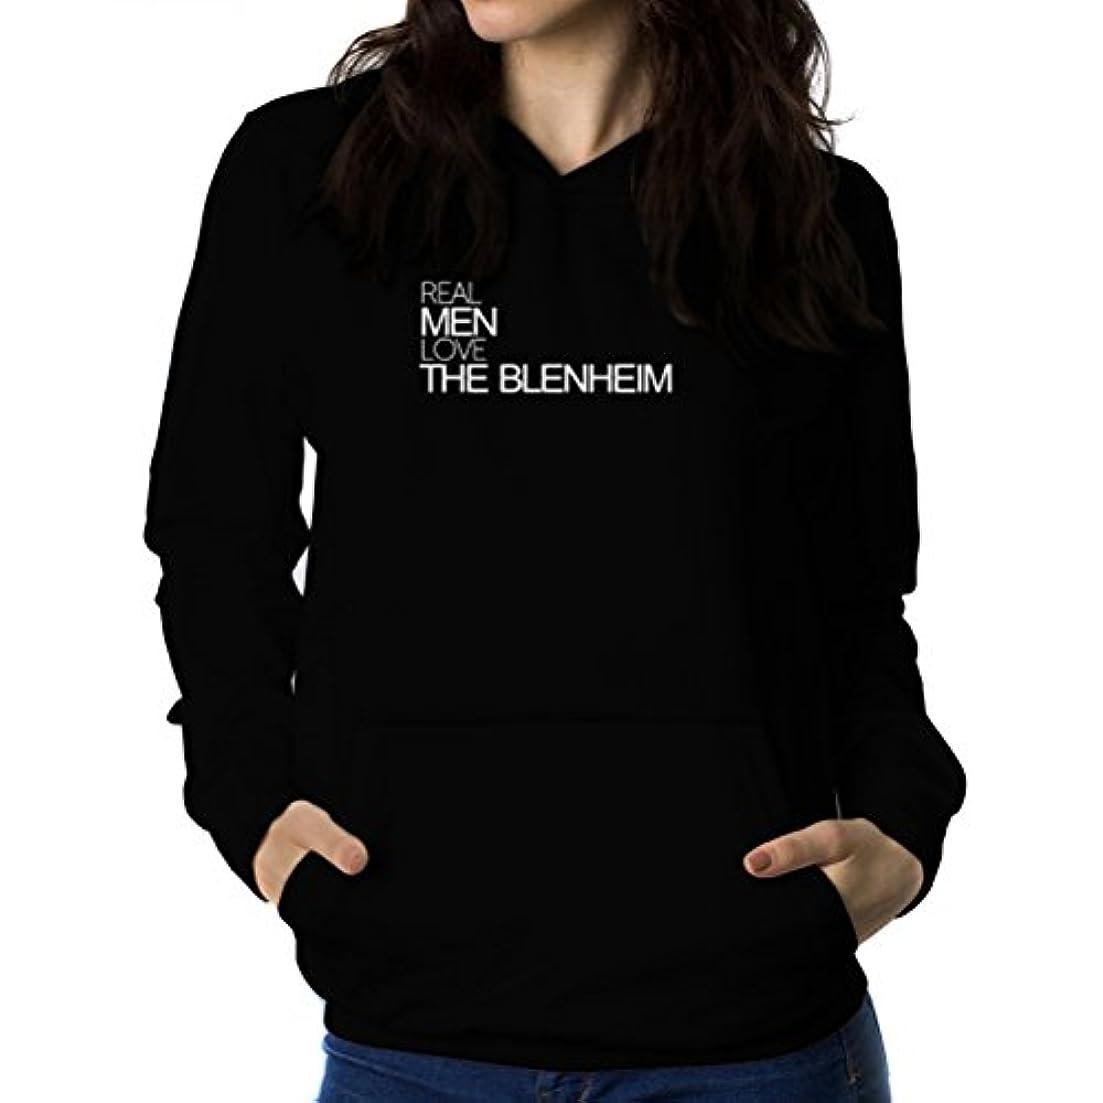 ギャラリー非難する保険Real men love The Blenheim 女性 フーディー